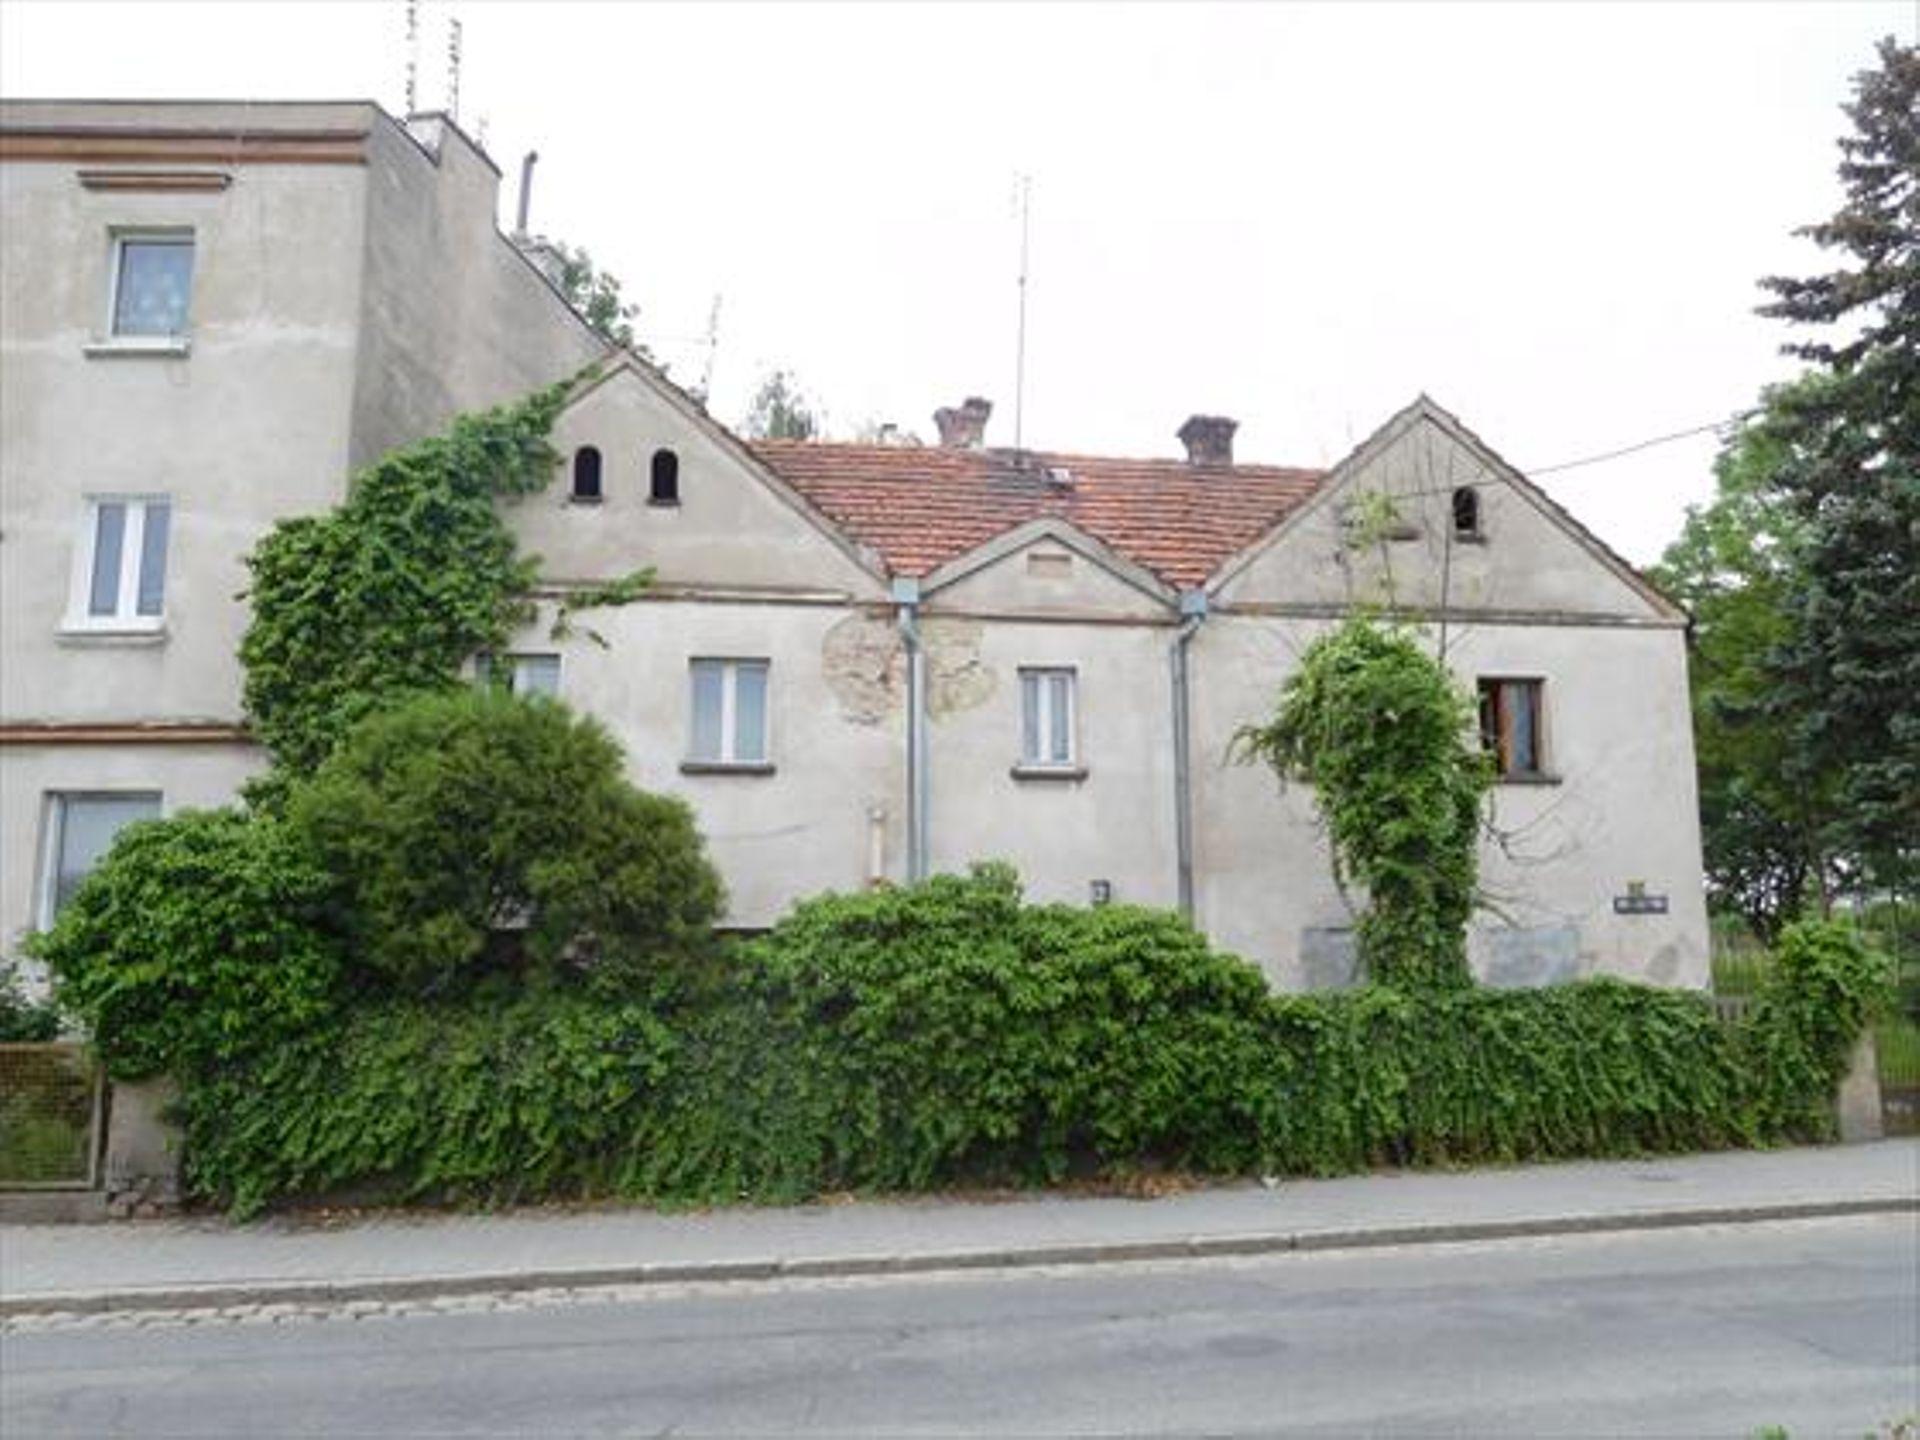 Wrocław: Miasto sprzedaje zabytkowy budynek w Leśnicy